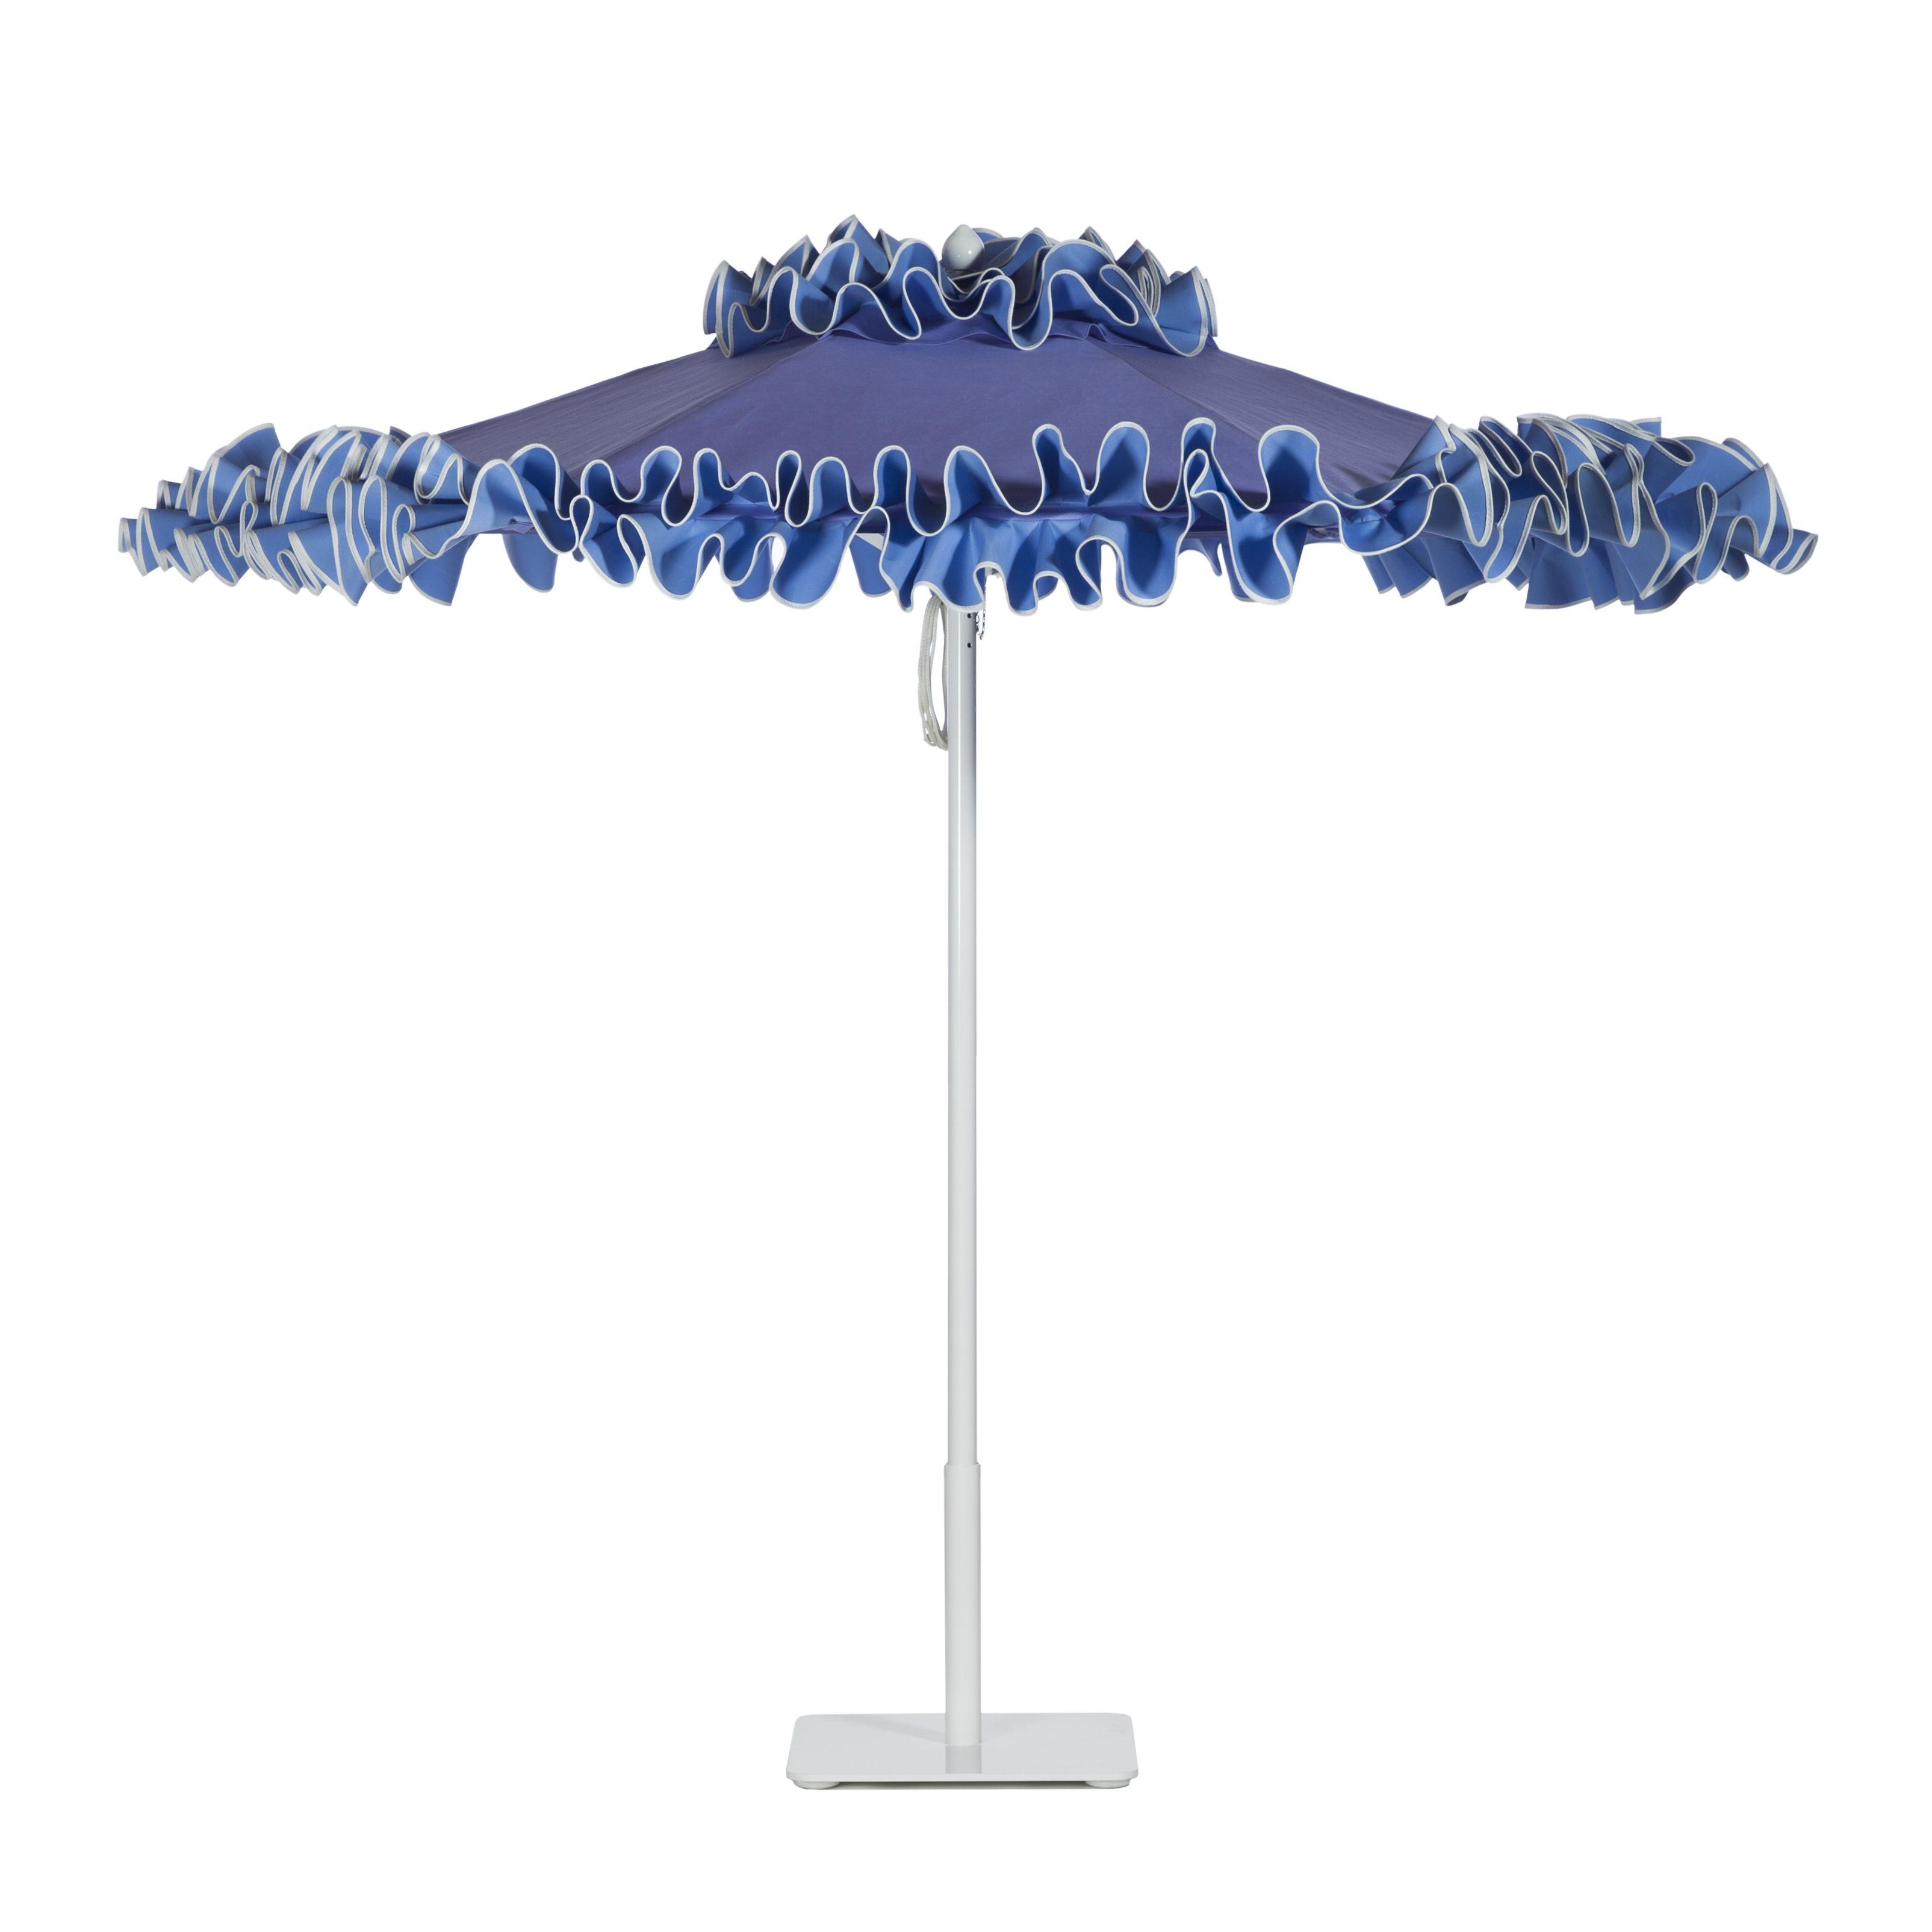 Petite Flamenco aluminum umbrella with White frame in Lavender Cloud ...